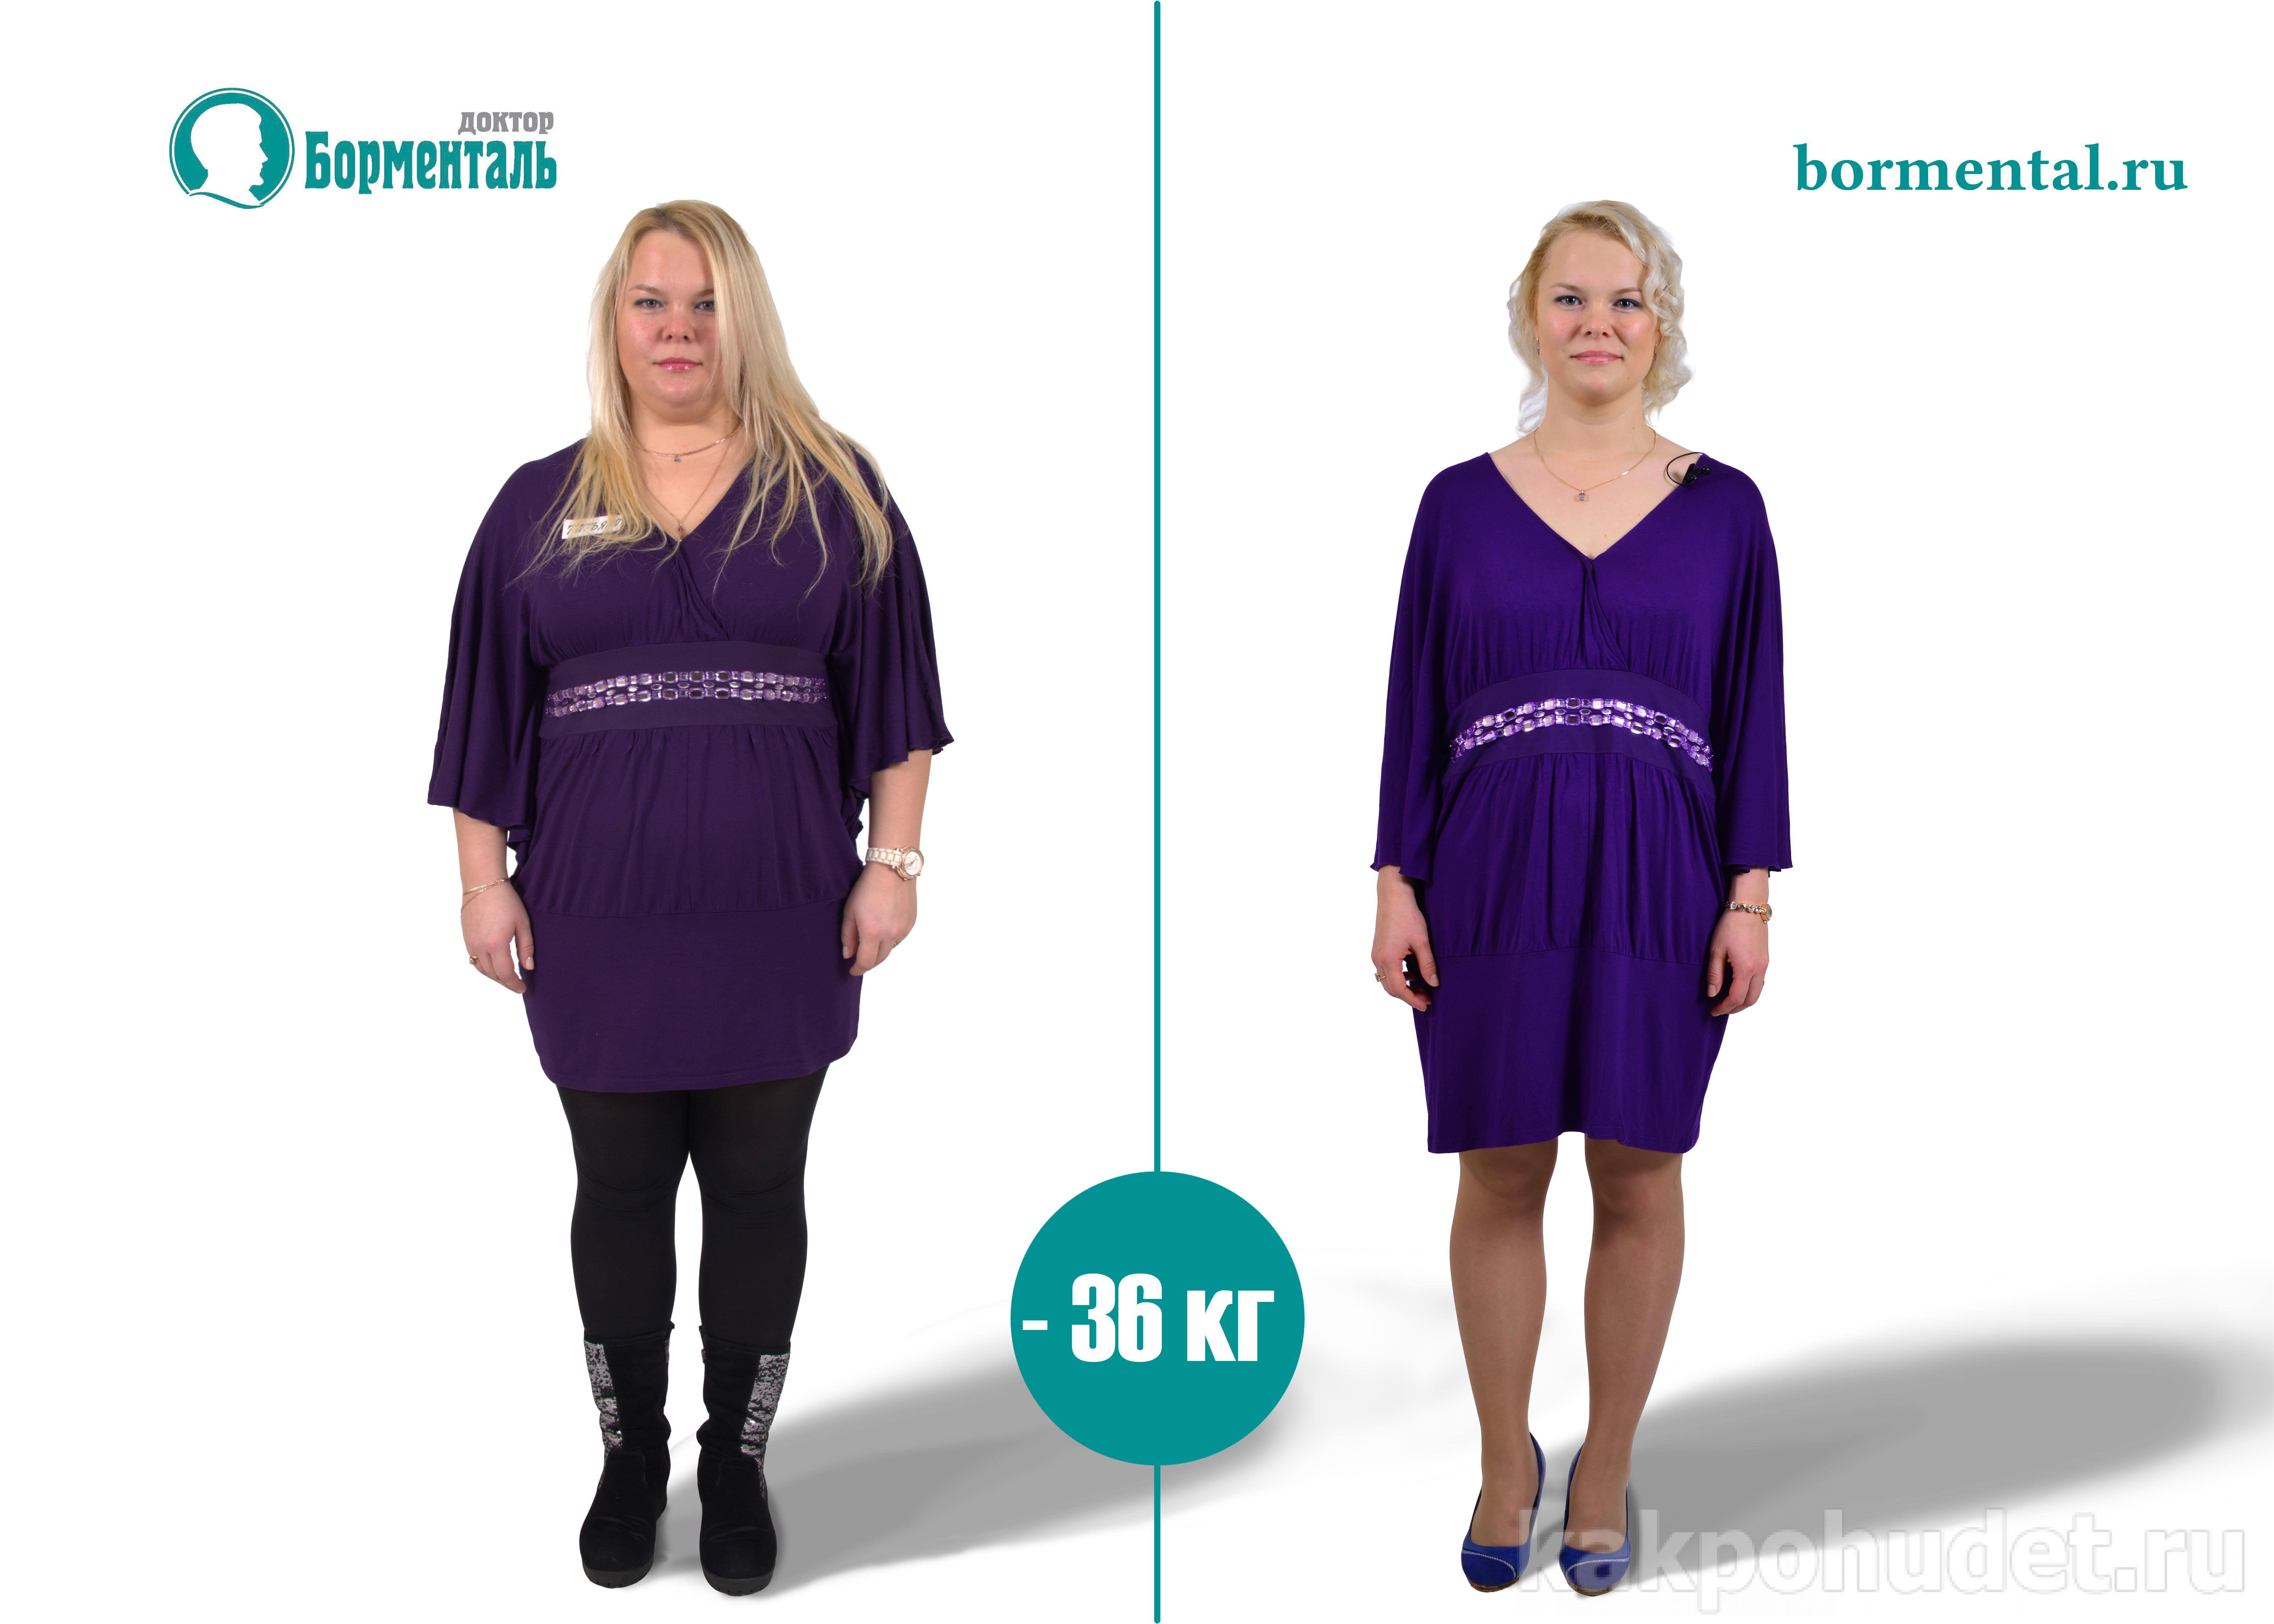 Девушка похудела на 43 кг и стала красоткой!